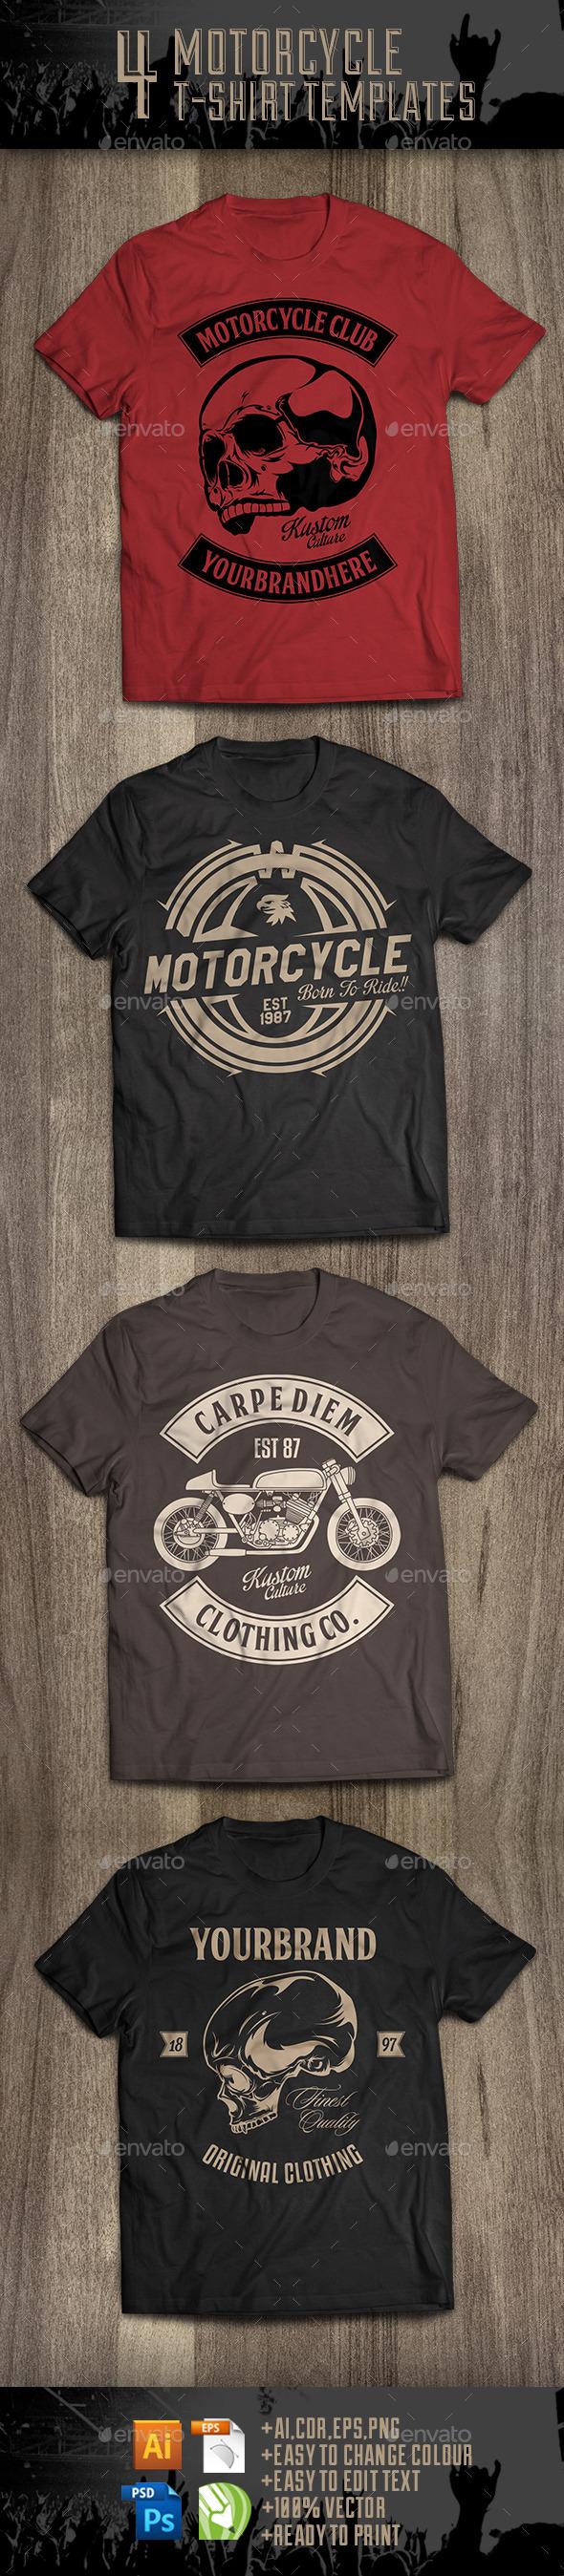 4 Motorcycle T-Shirt Templates - Sports & Teams T-Shirts